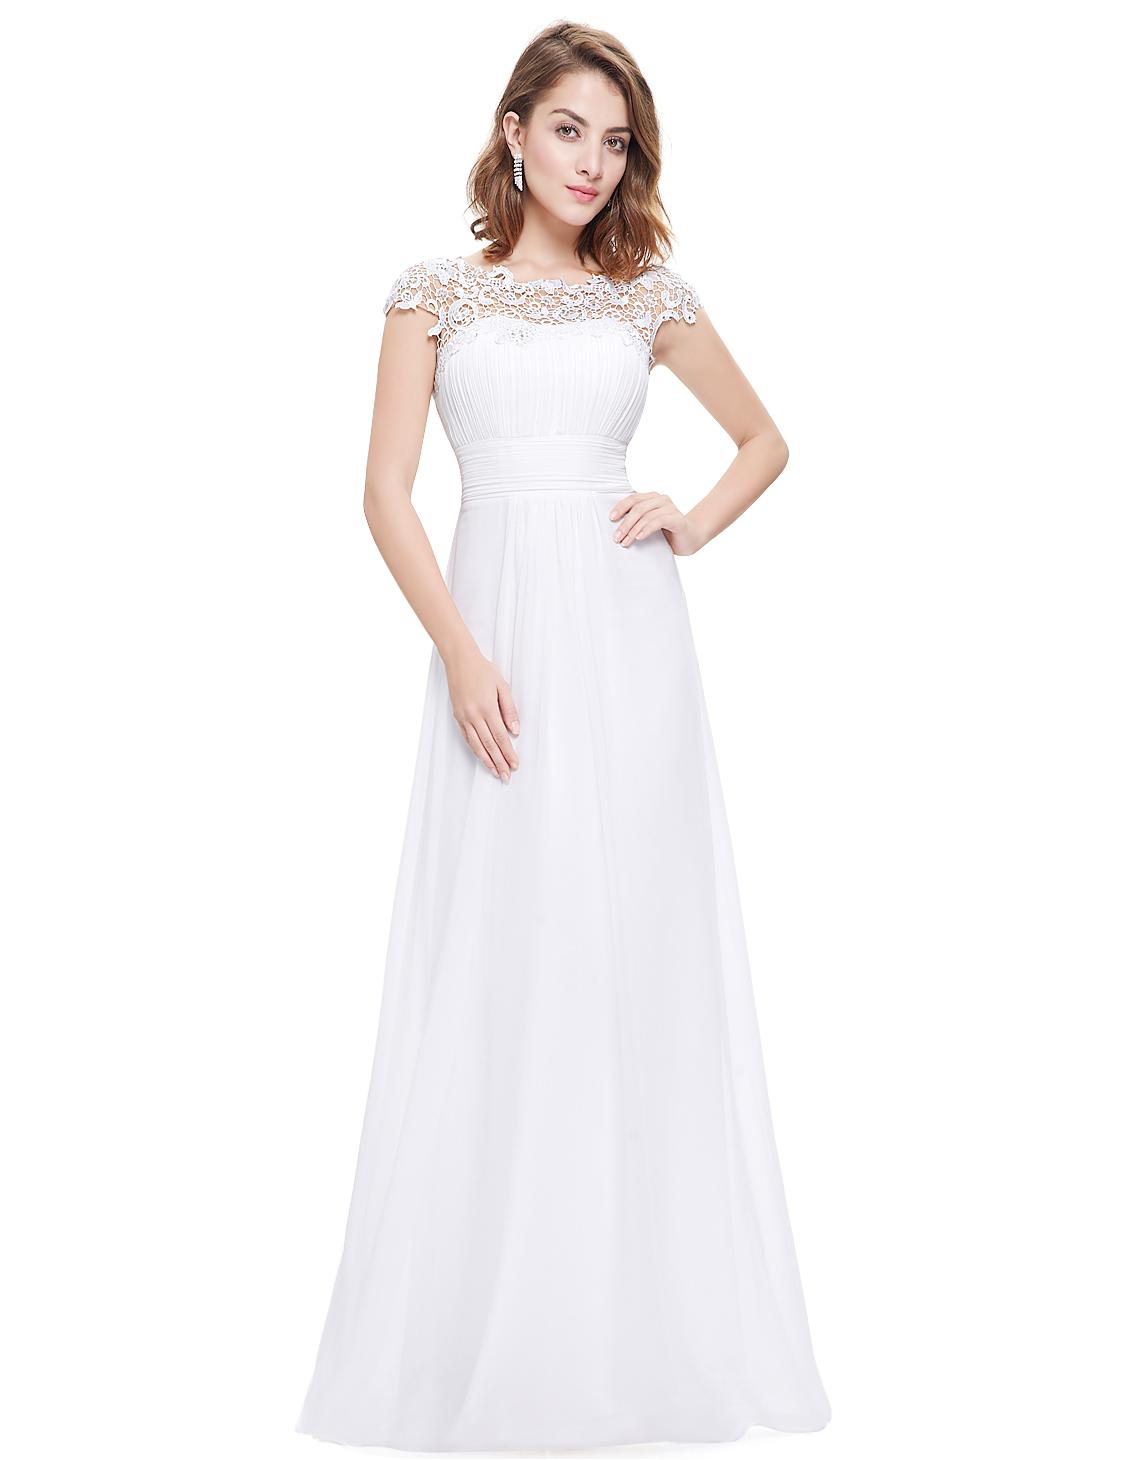 5128e1f9b0c5 Společenské svatební šaty Ostrava